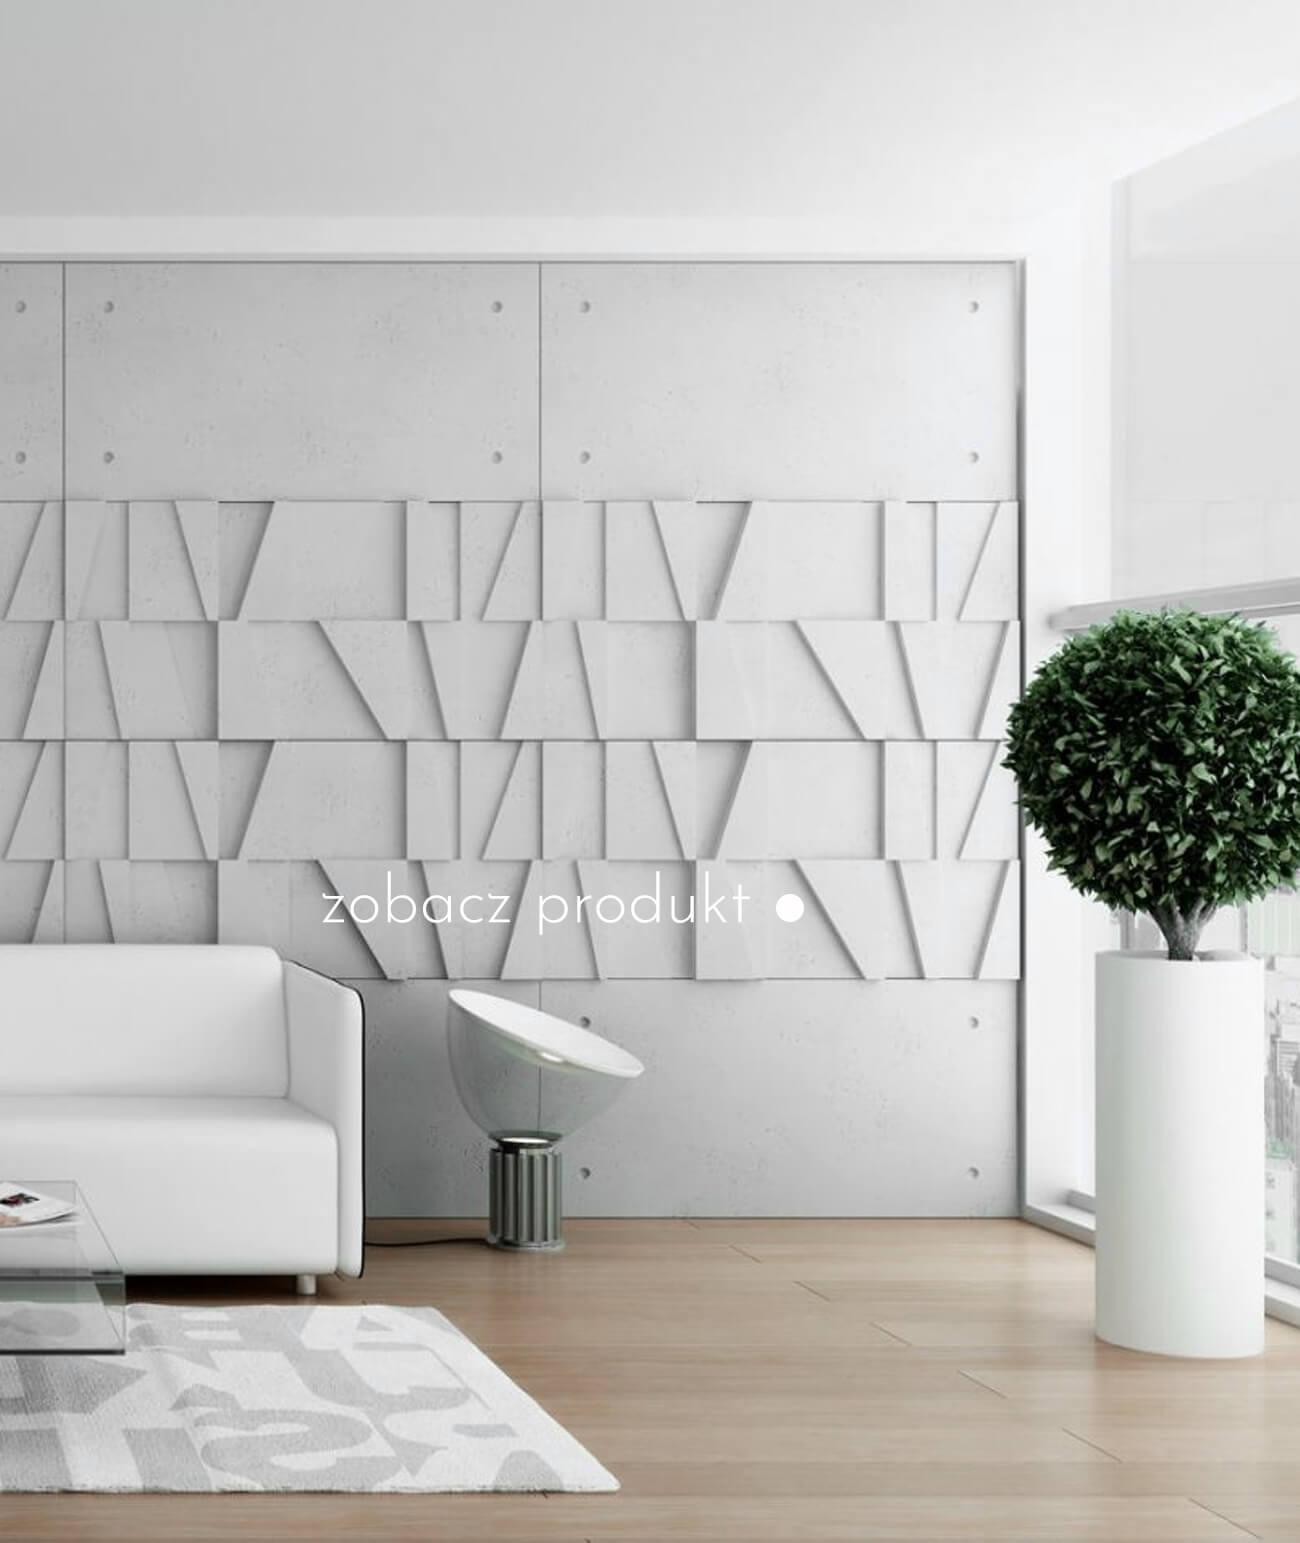 panele-betonowe-3d-scienne-i-elewacyjne-beton-architektoniczny_362-1967-pb09-b1-siwo-bialy-mozaika---panel-dekor-3d-beton-architektoniczny-panel-scienny